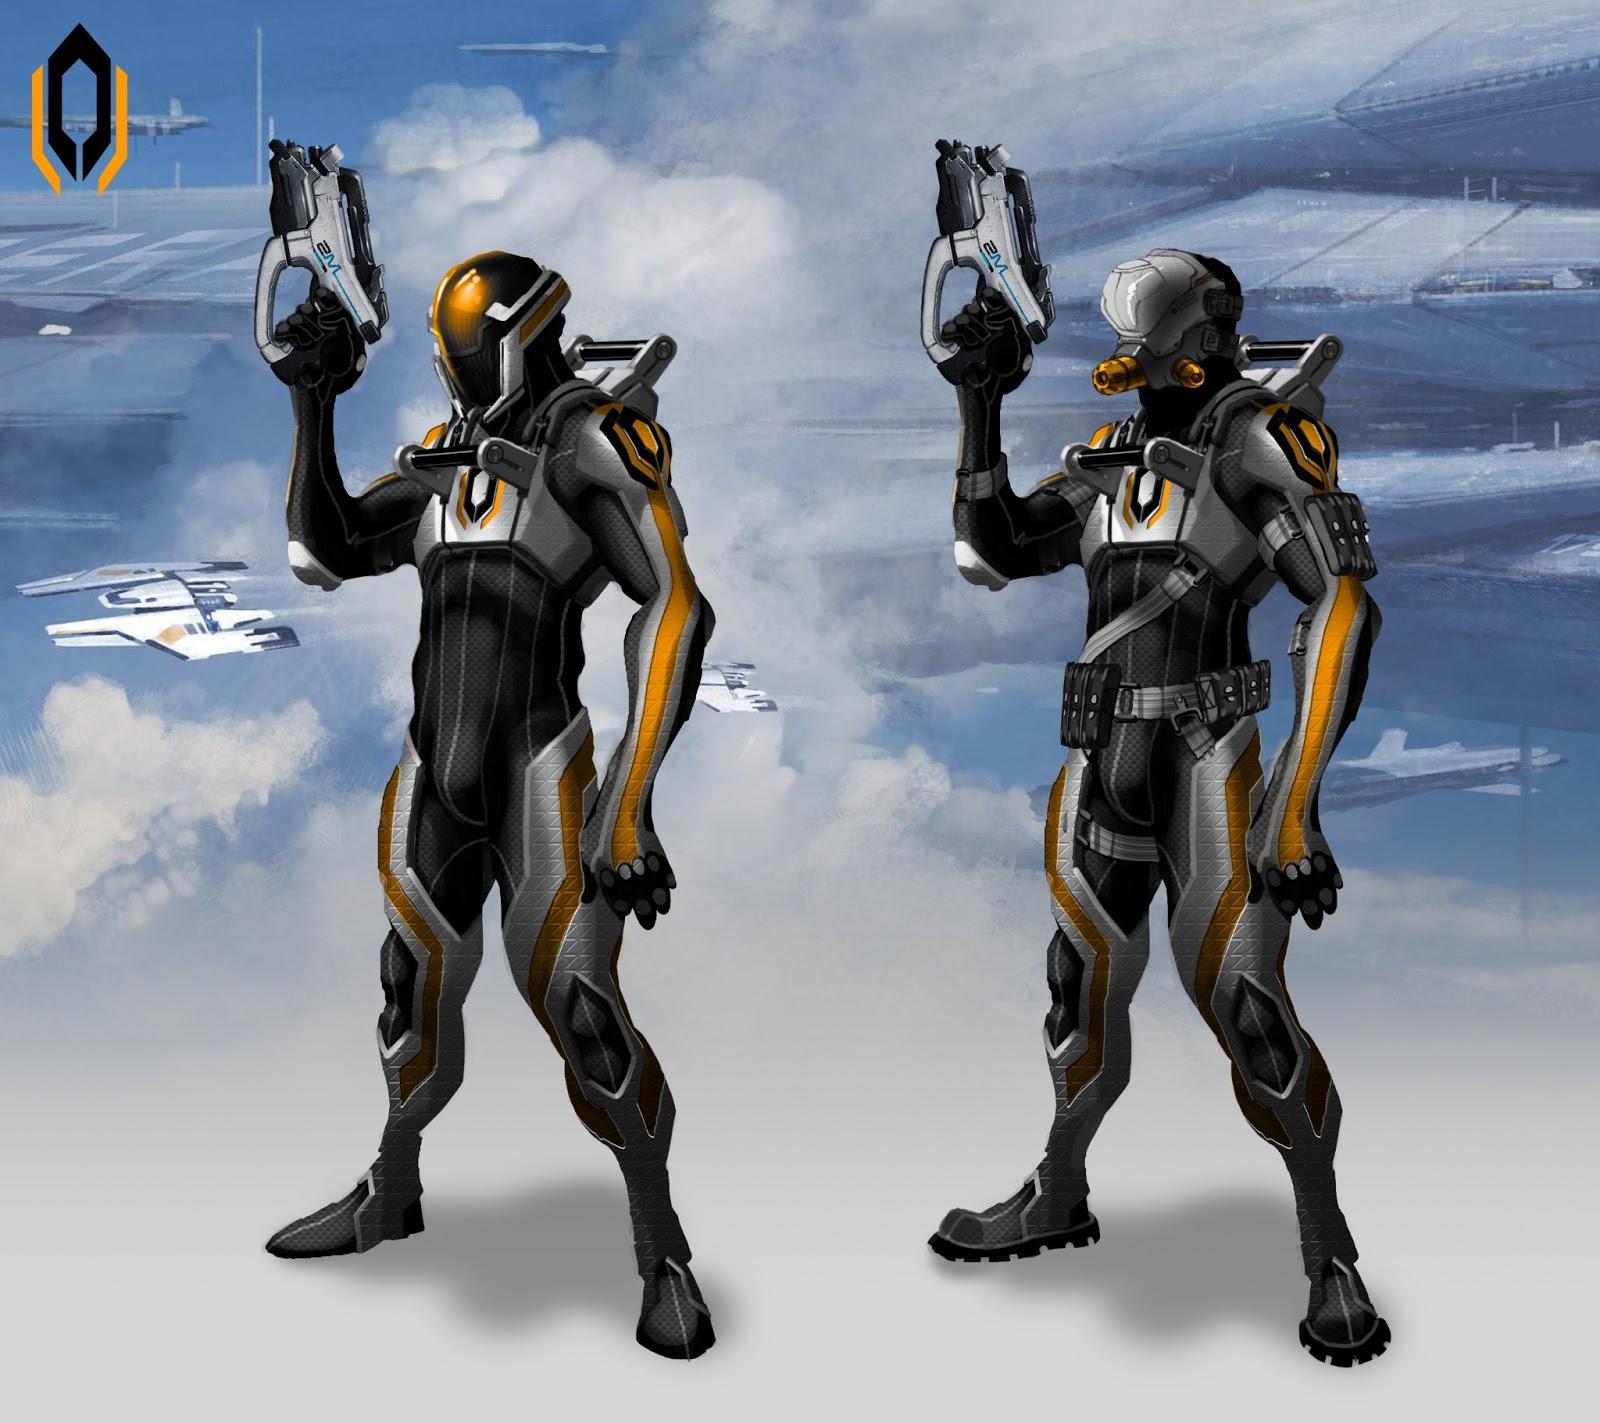 Takhle mohl původně vypadat Mass Effect a Dragon Age 85116